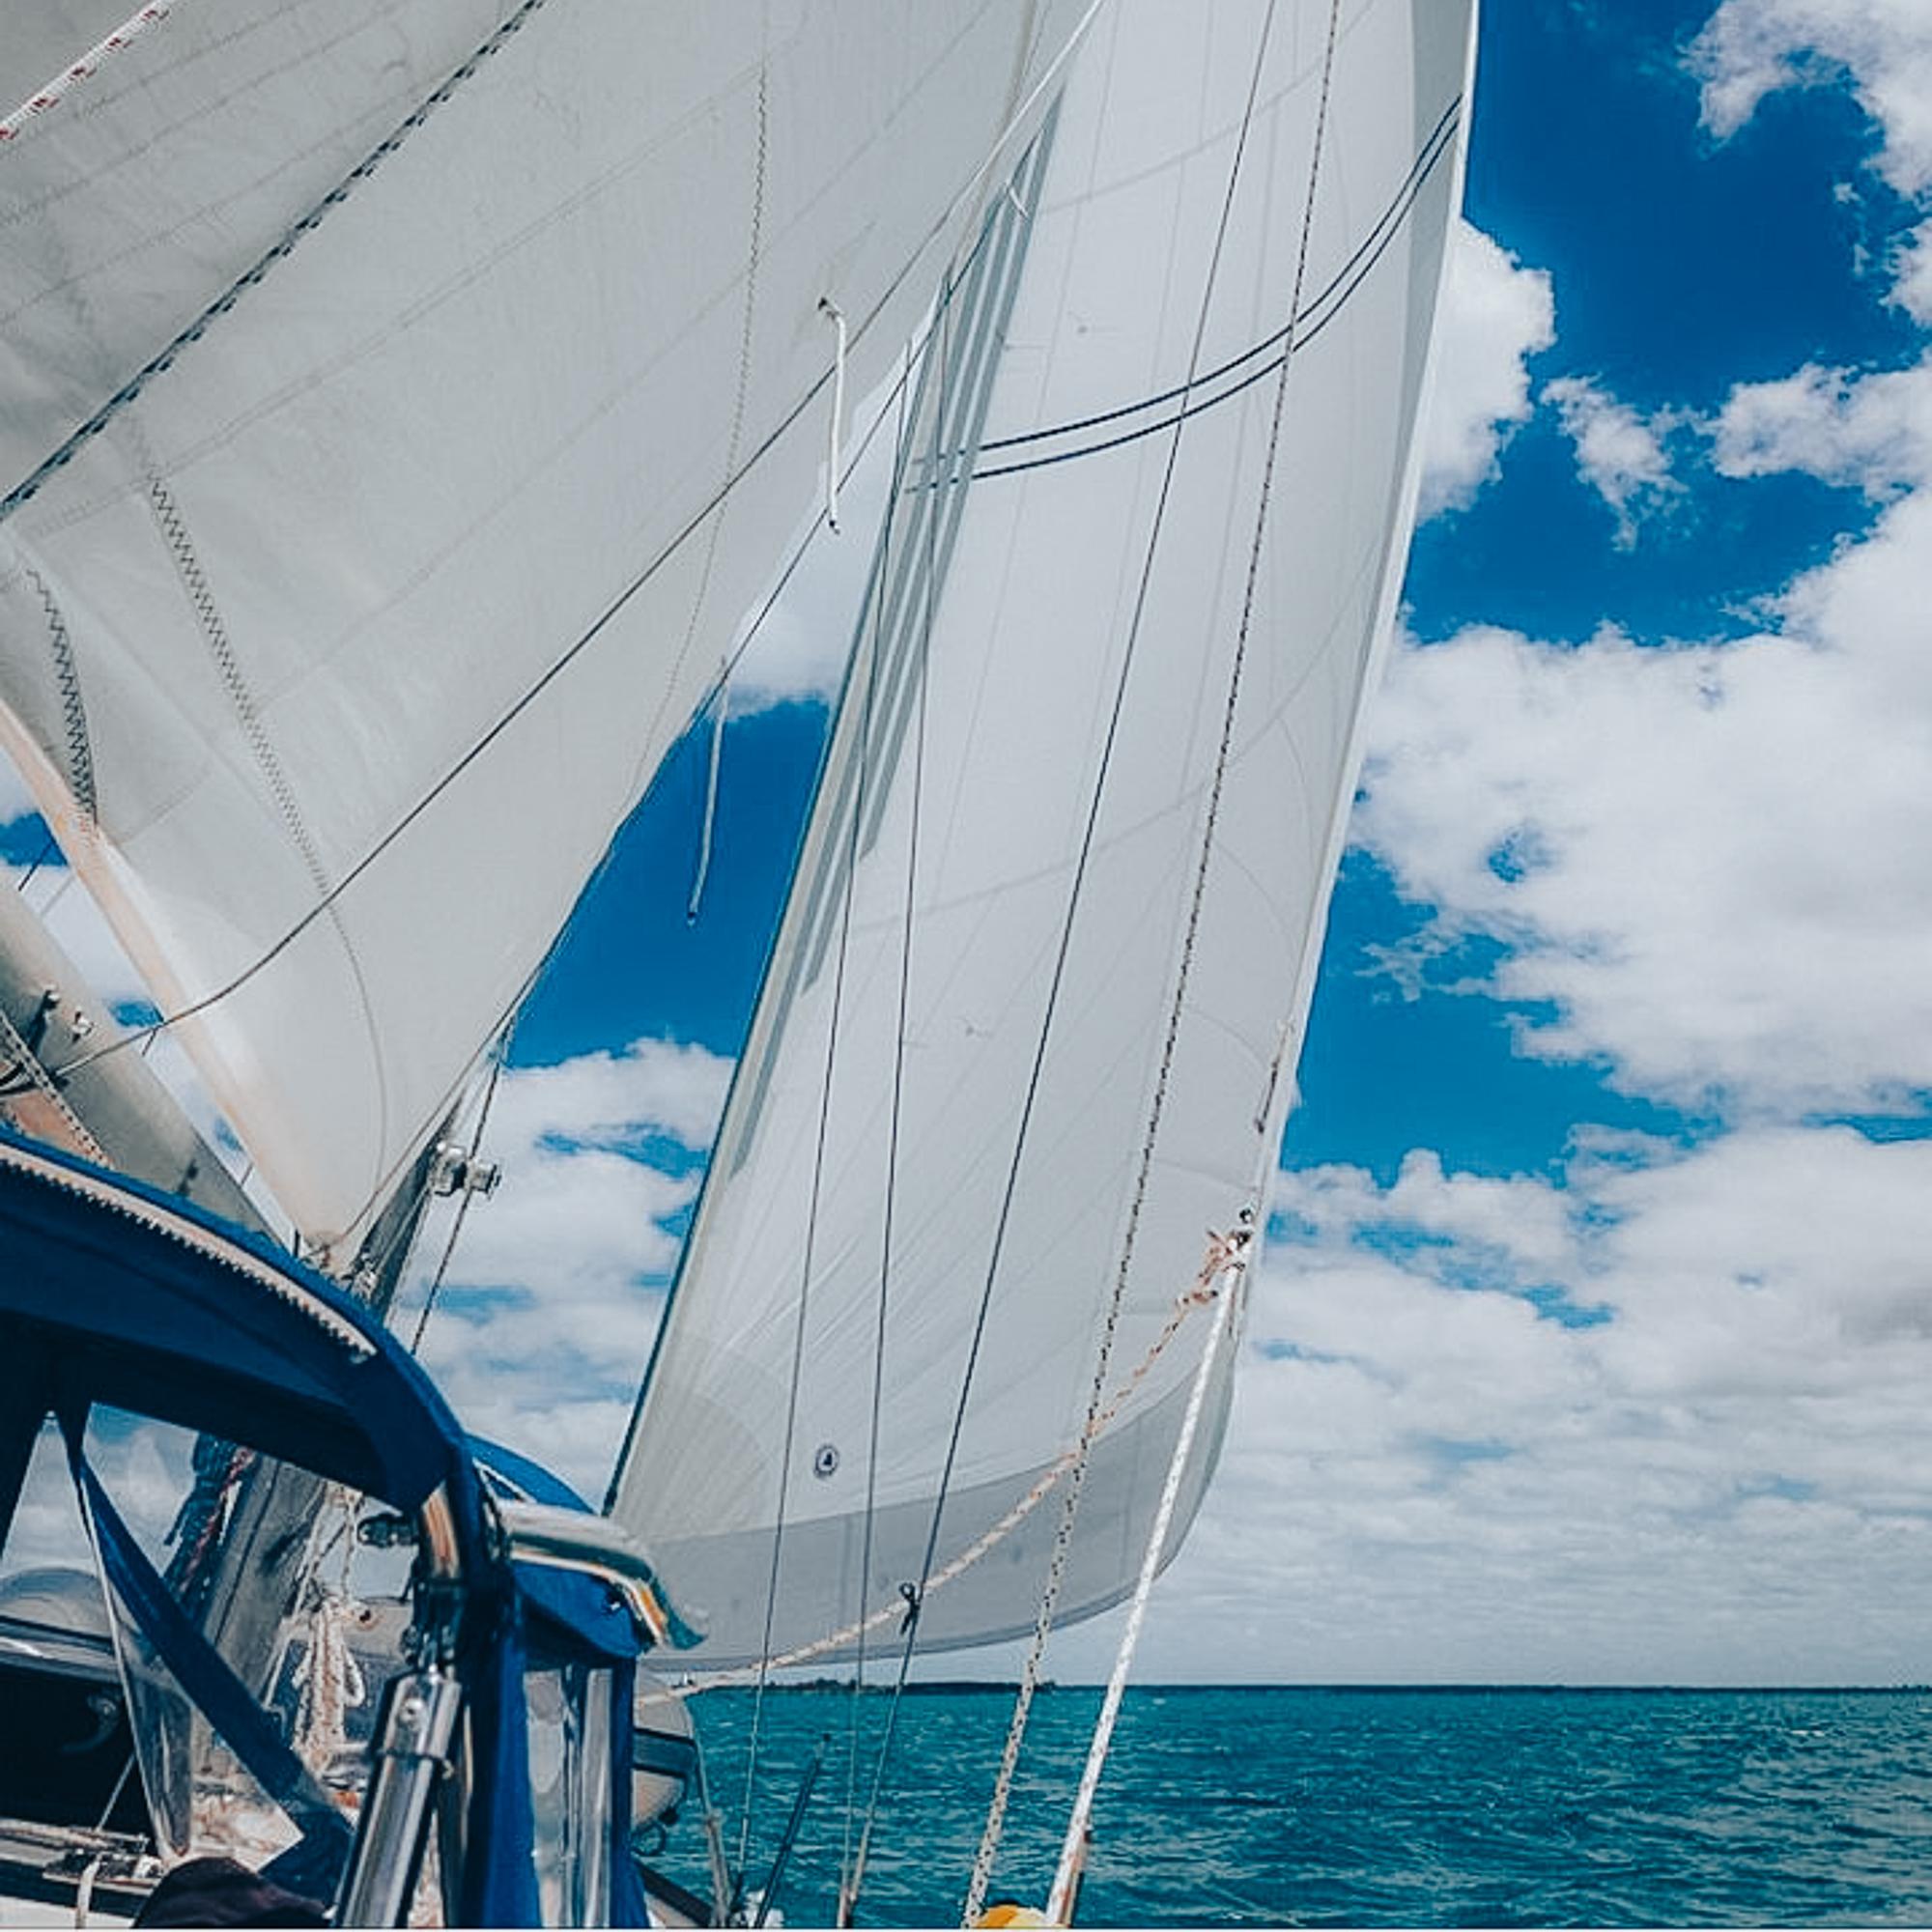 Headsail And Mainsail in the Bahamas